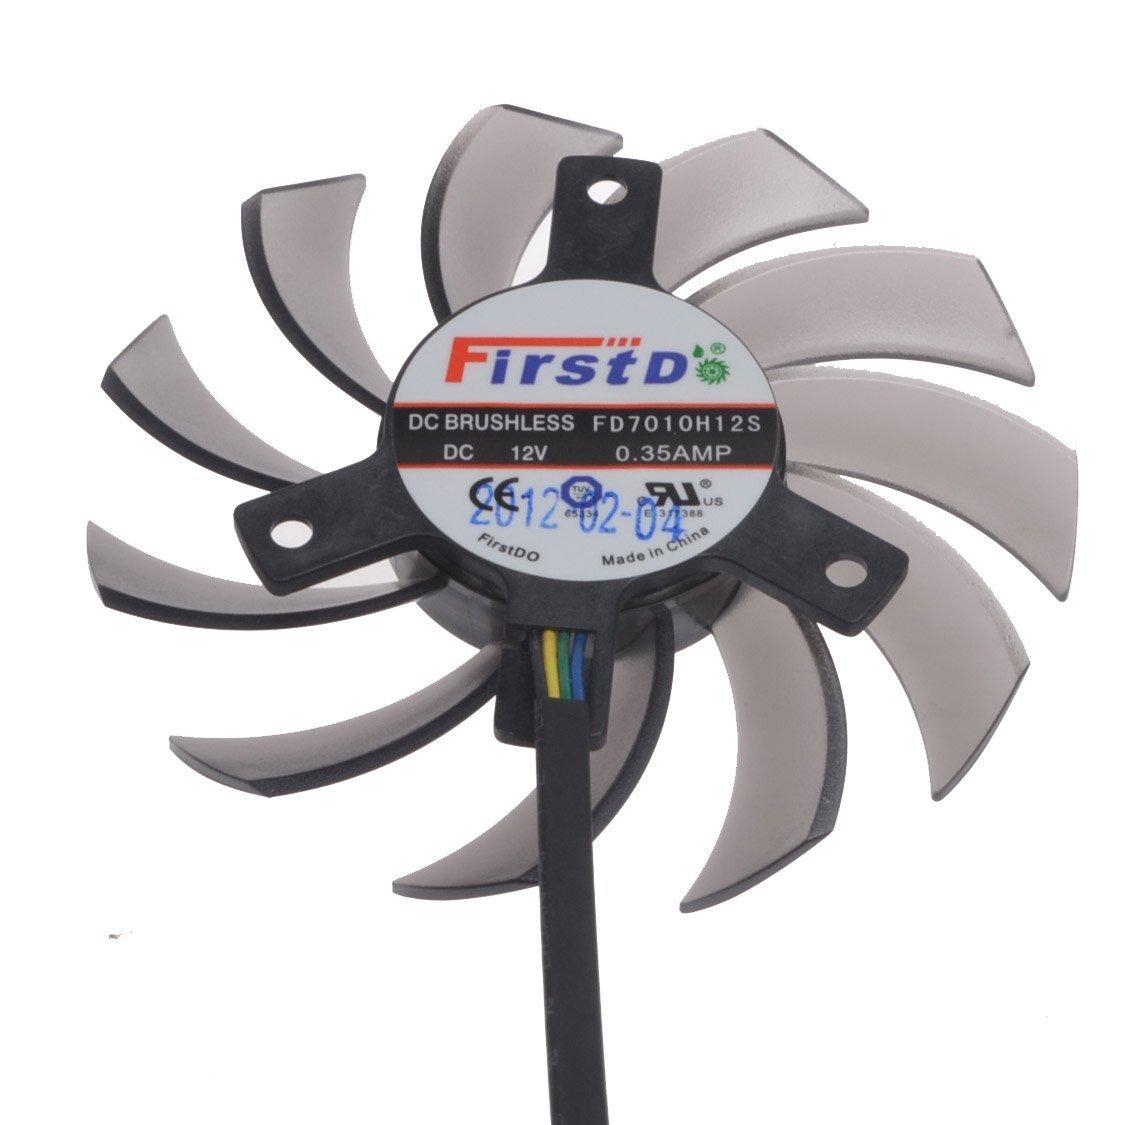 PUULI FD7010H12S DC Graphics Card Fan DC 12V 0.35A 75mm 40x40x40mm 4Pin Cooling Fan GTX660 GTX670 GTX680 GTX690 Fan Cooler